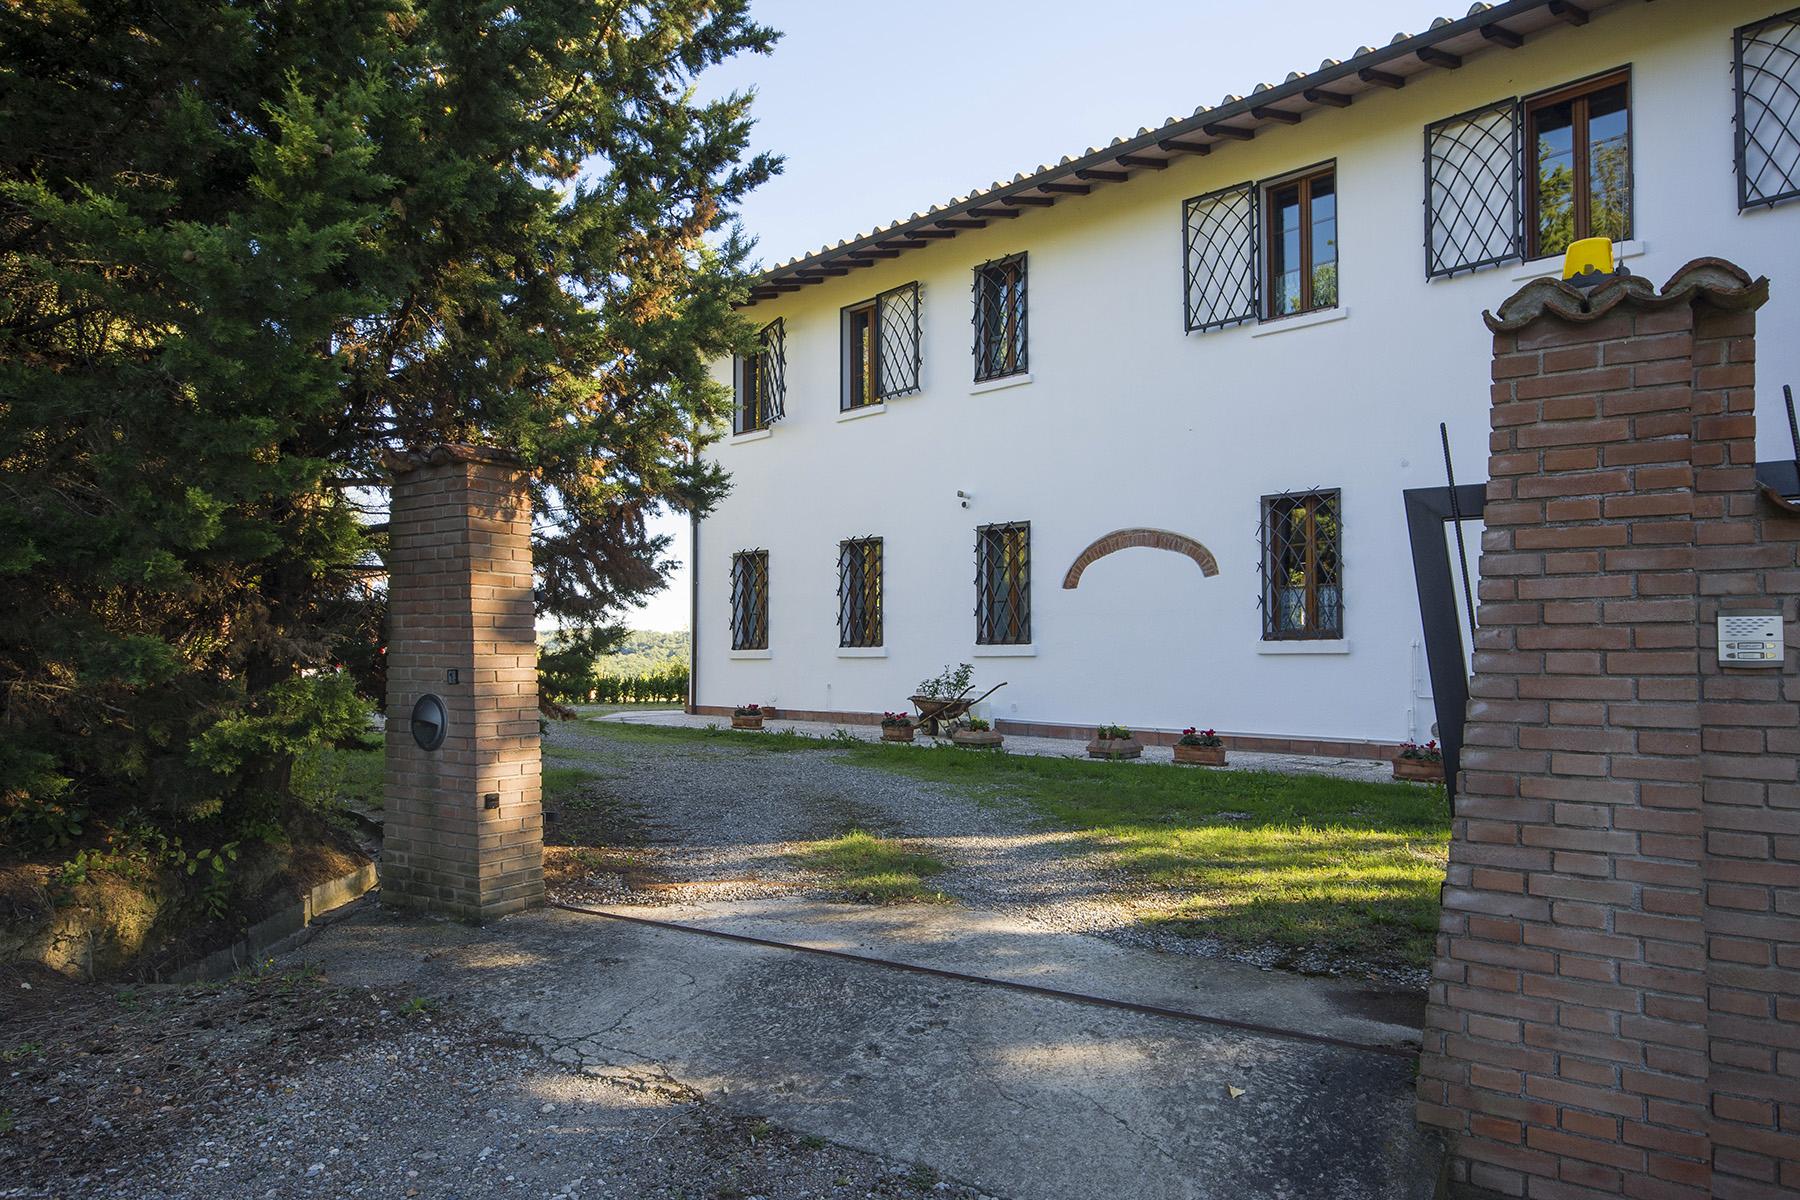 Villa in Vendita a San Miniato: 5 locali, 500 mq - Foto 6